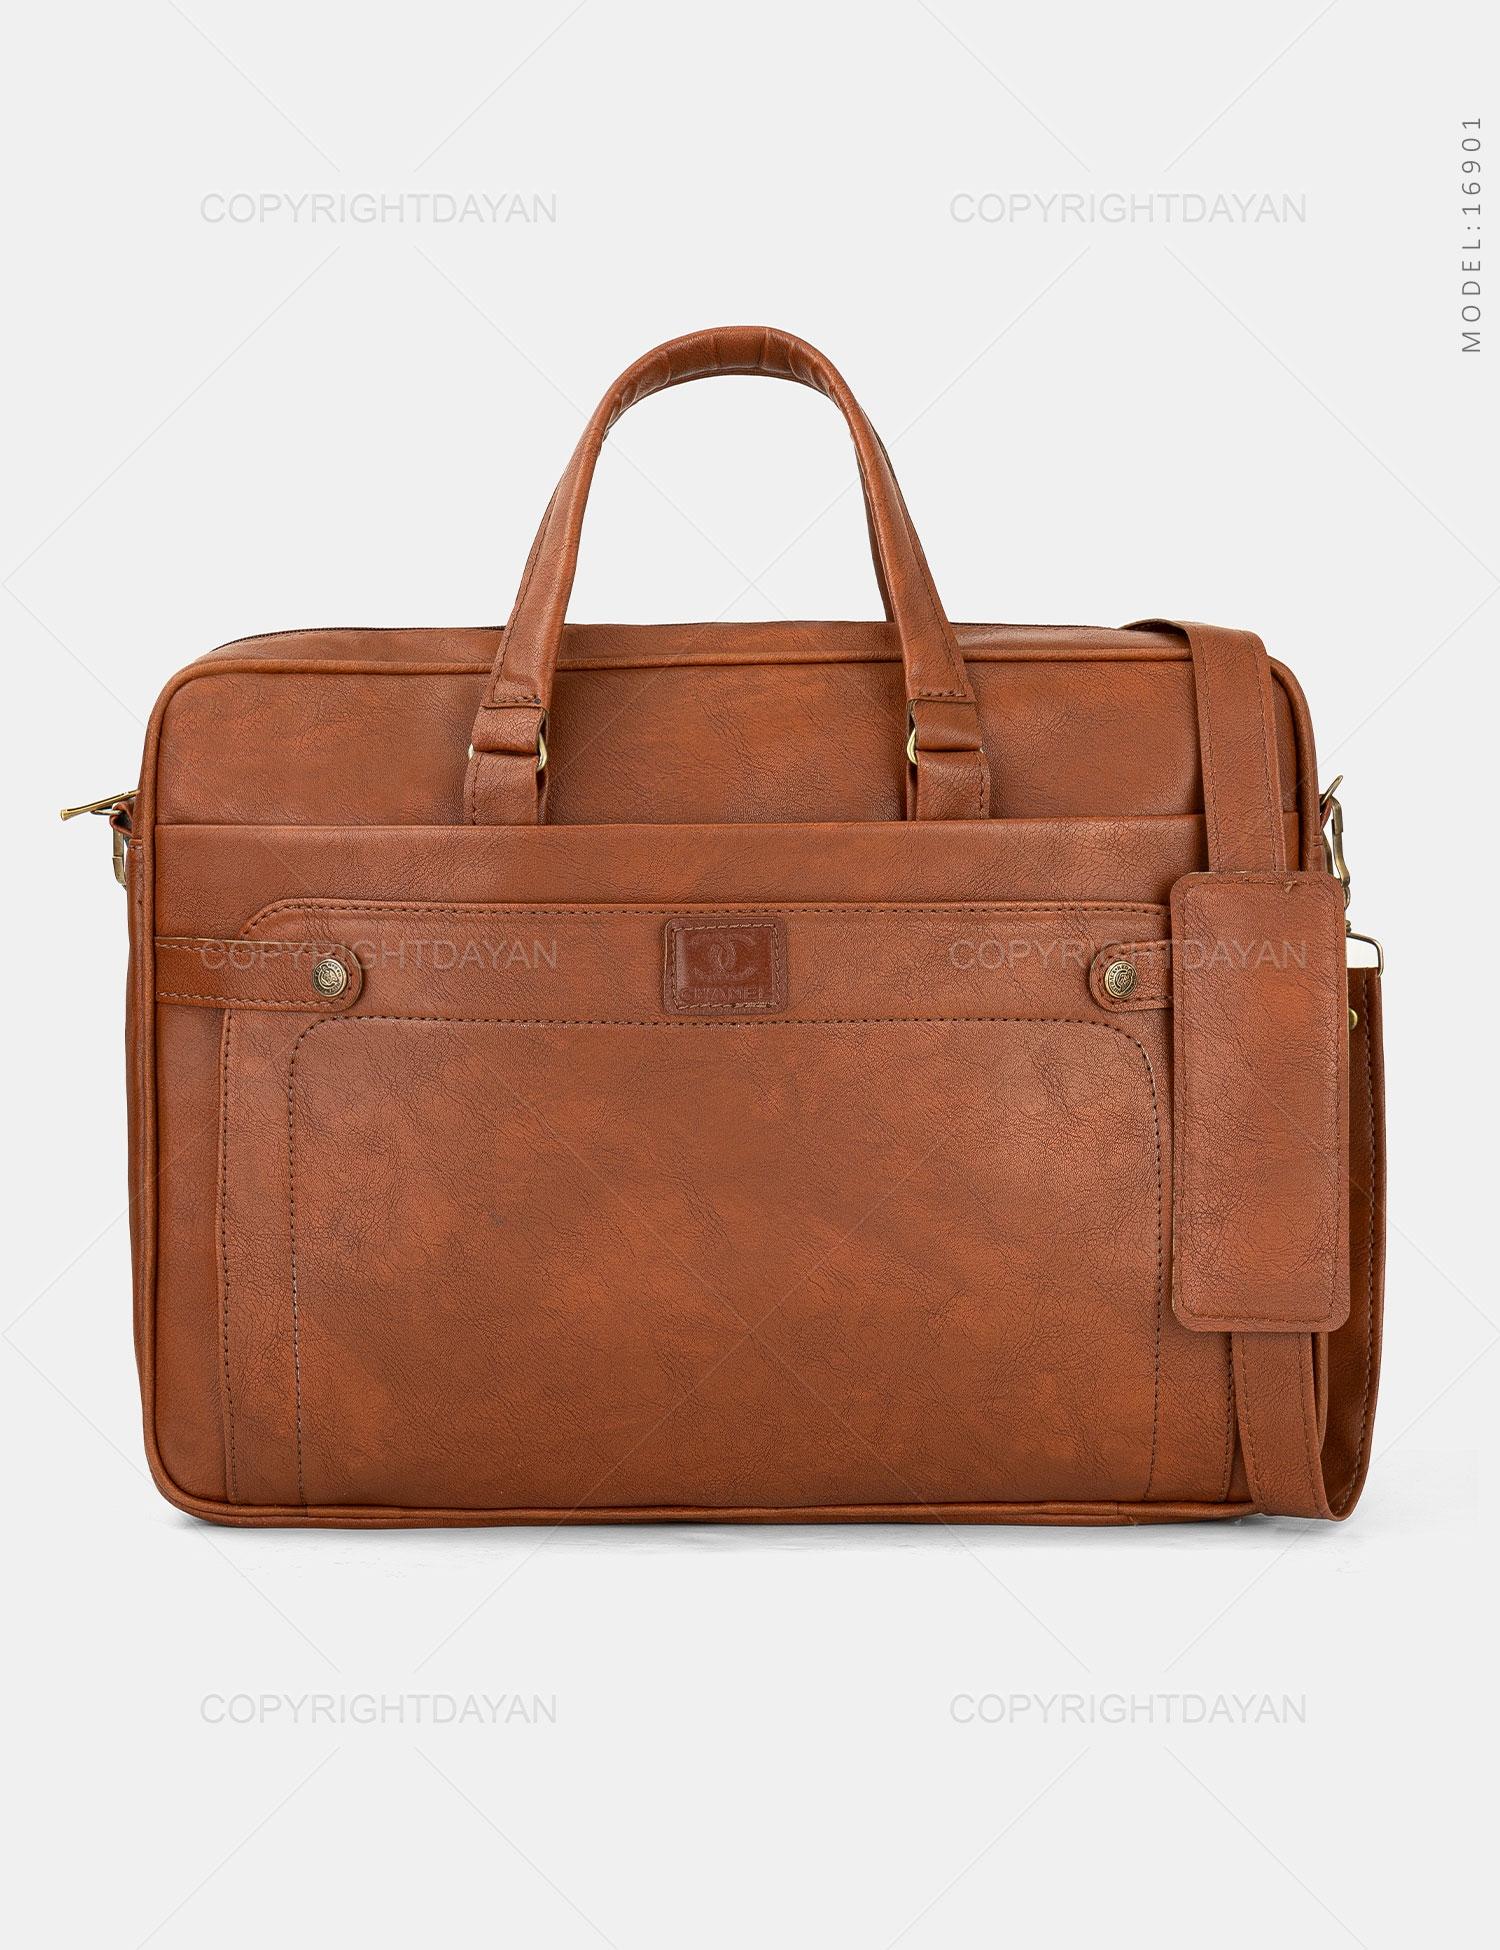 کیف اداری Chanel  مدل 16901